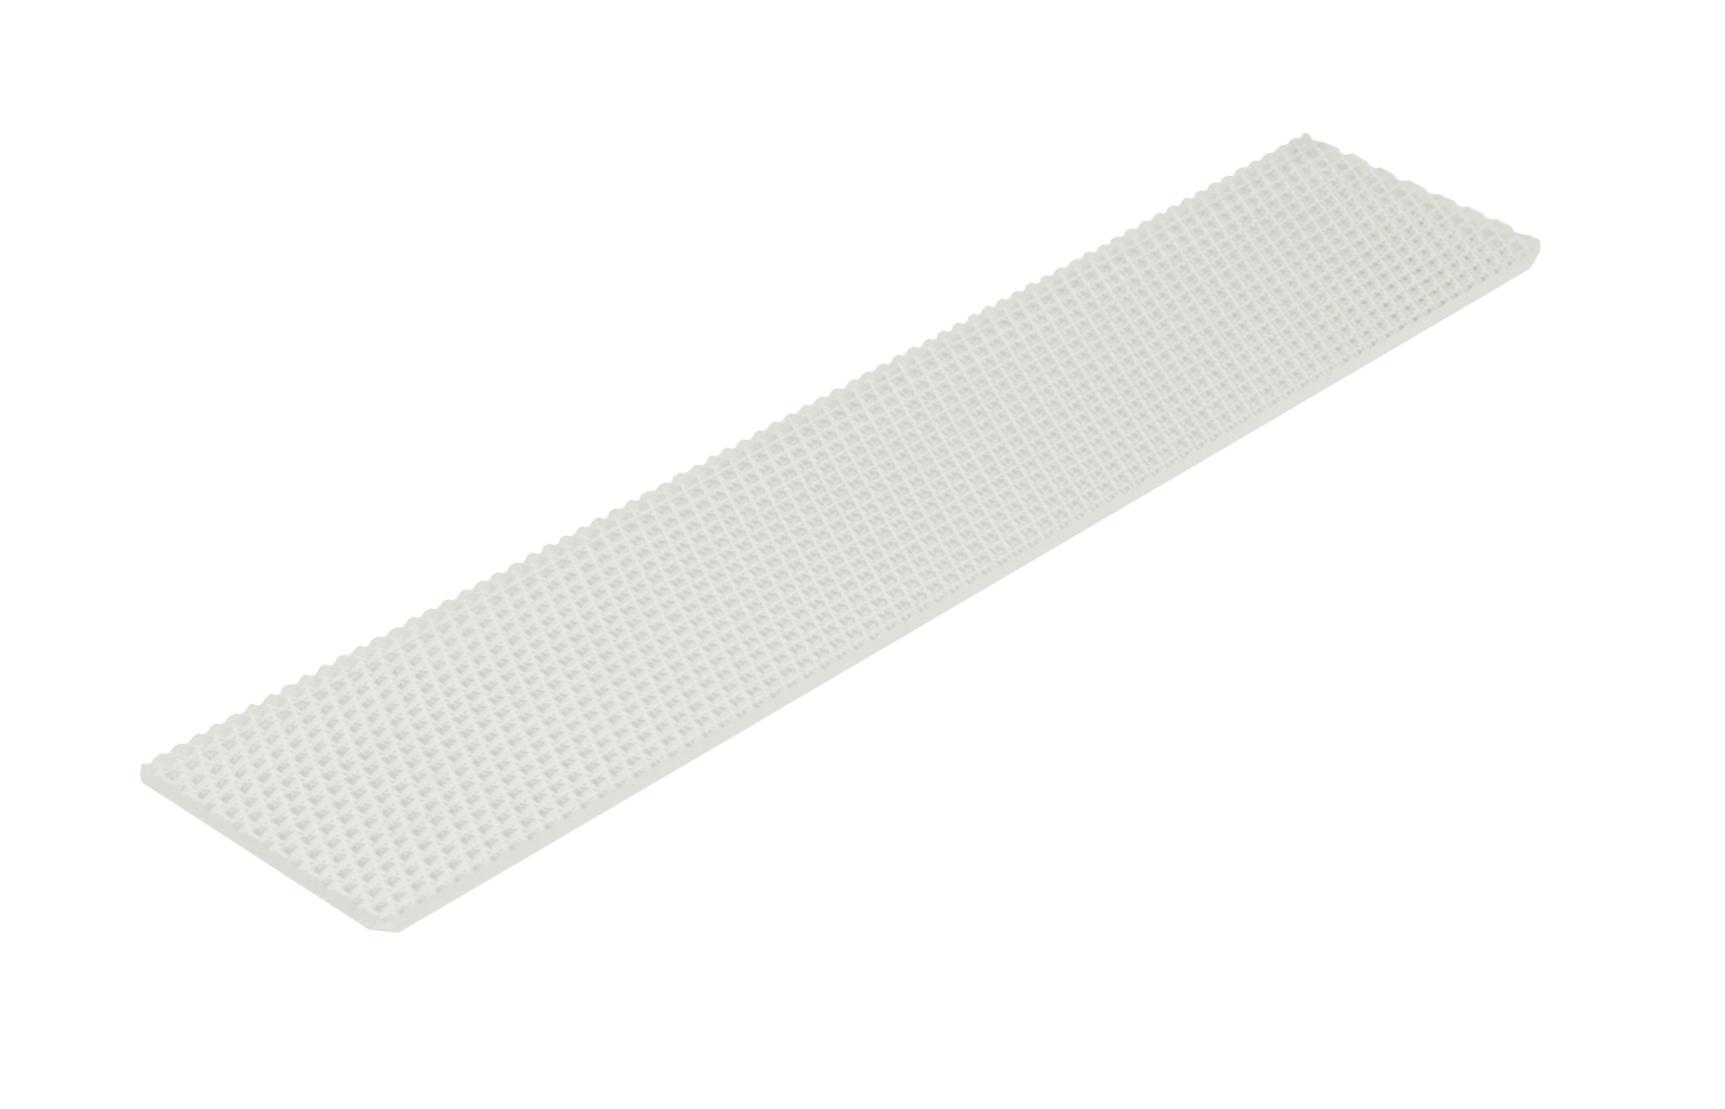 1 m Mikroprismatischer Einschub CL Transparent (1m oder 2m) LIMP006001